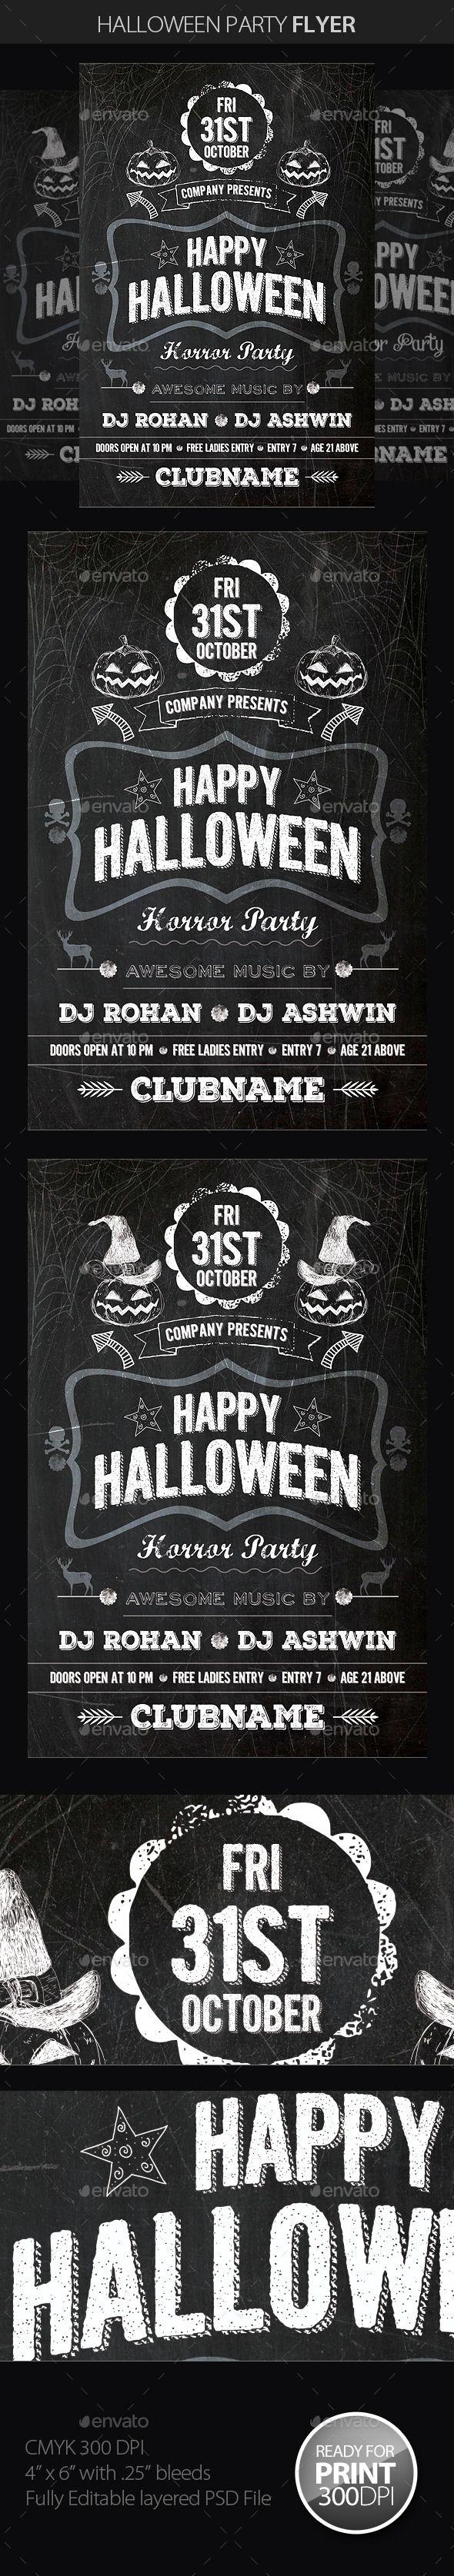 Best 25+ Halloween party flyer ideas on Pinterest | Flyers ...